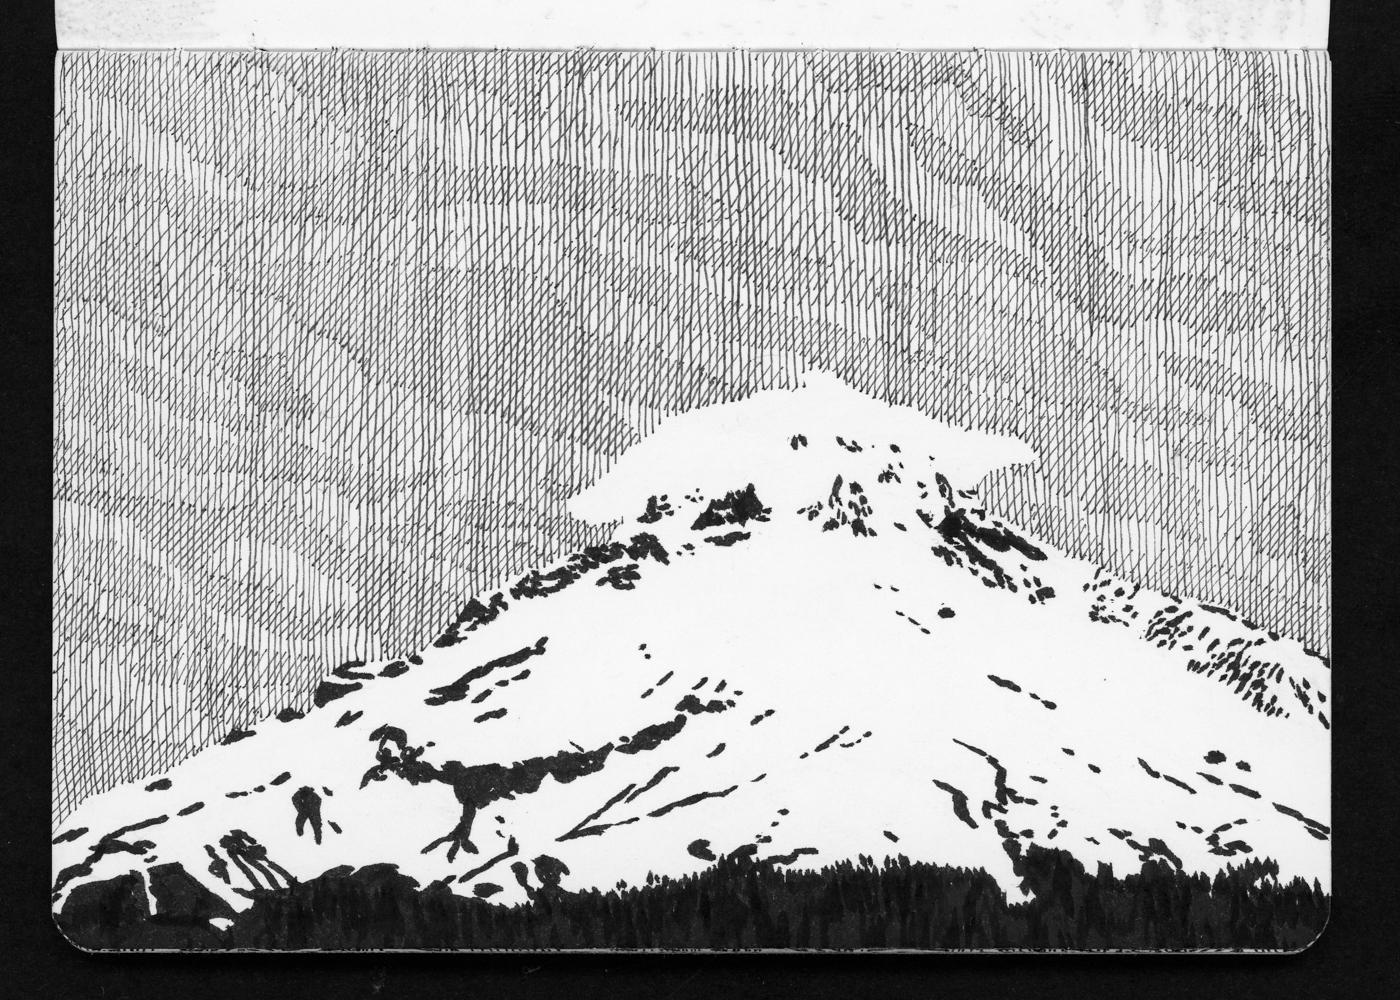 05-04 Mt Hood Dusk Lenticular from Ski Bowl.jpg